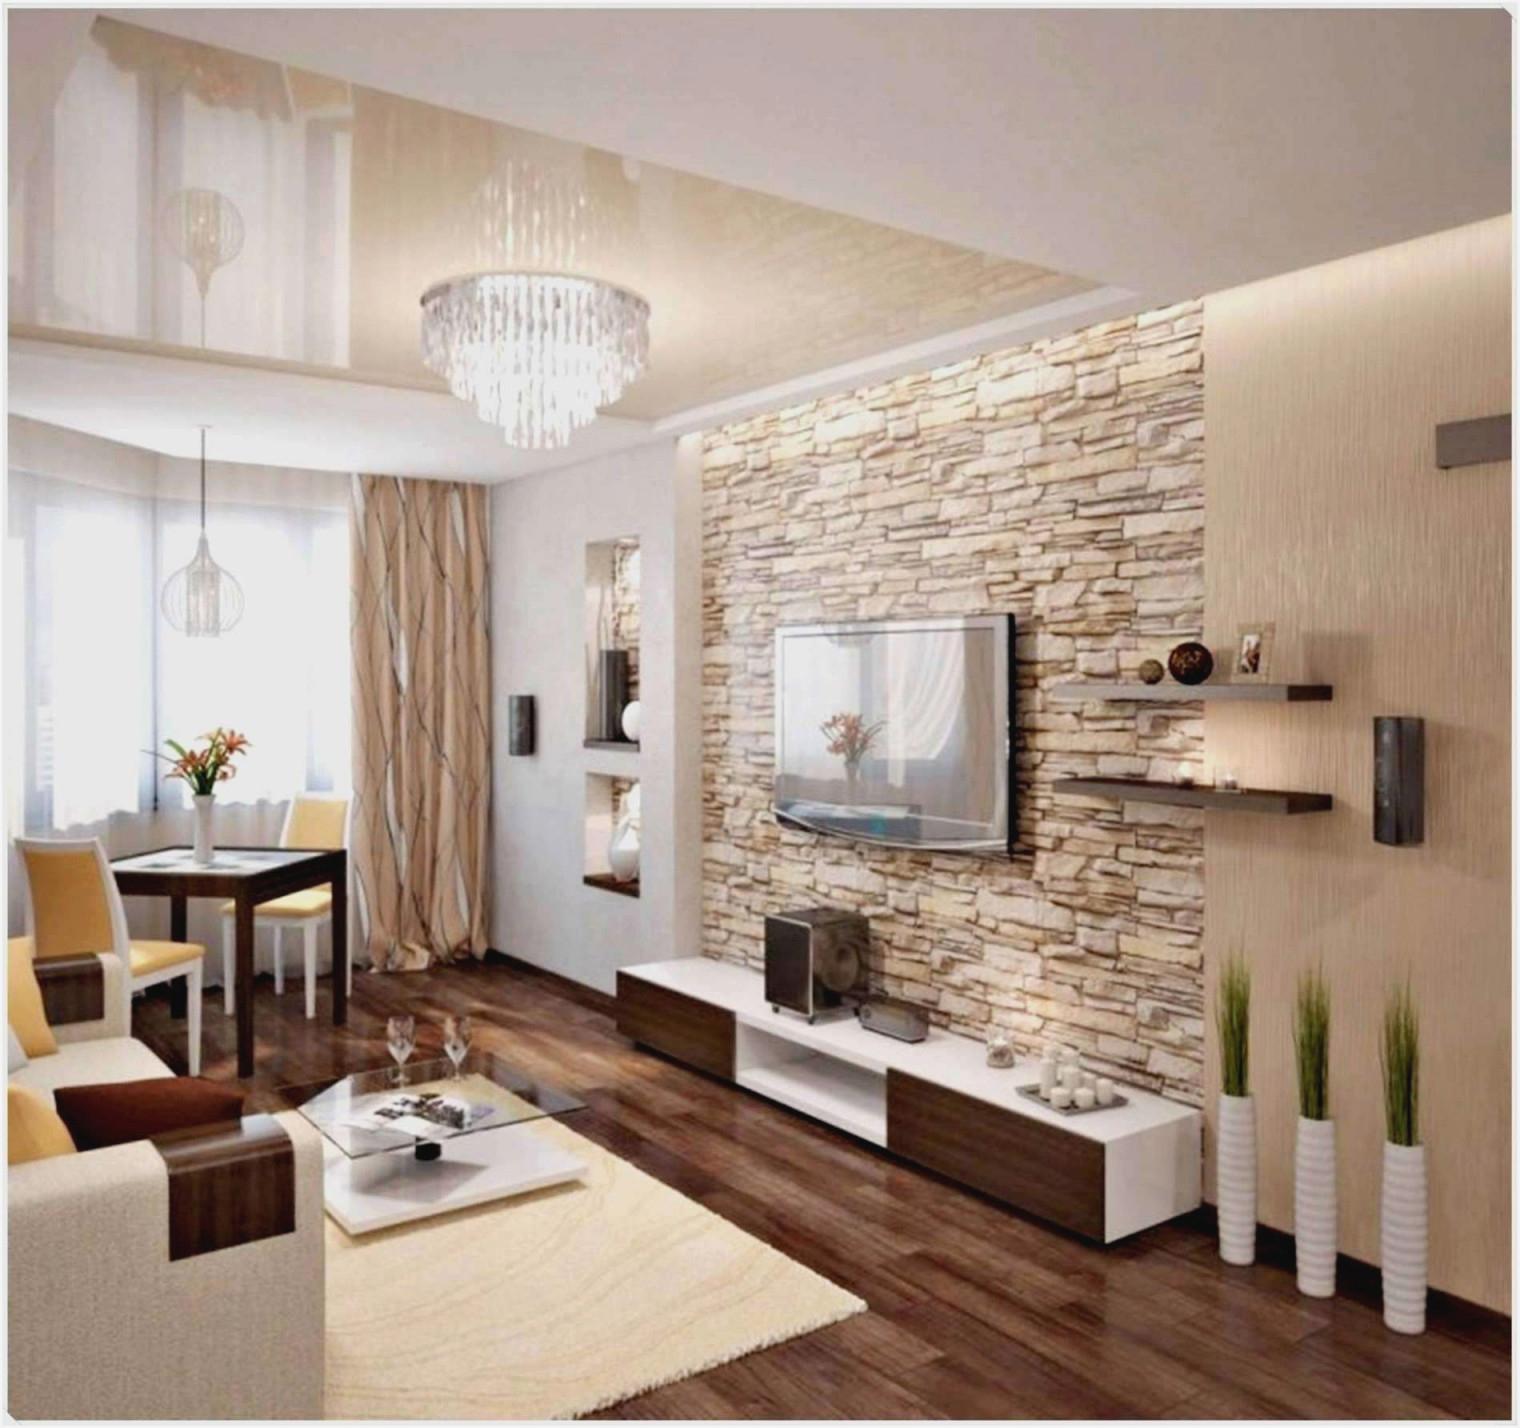 Bilder Wohnzimmer Mehrteilig  Wohnzimmer  Traumhaus von Bilder Wohnzimmer Mehrteilig Photo